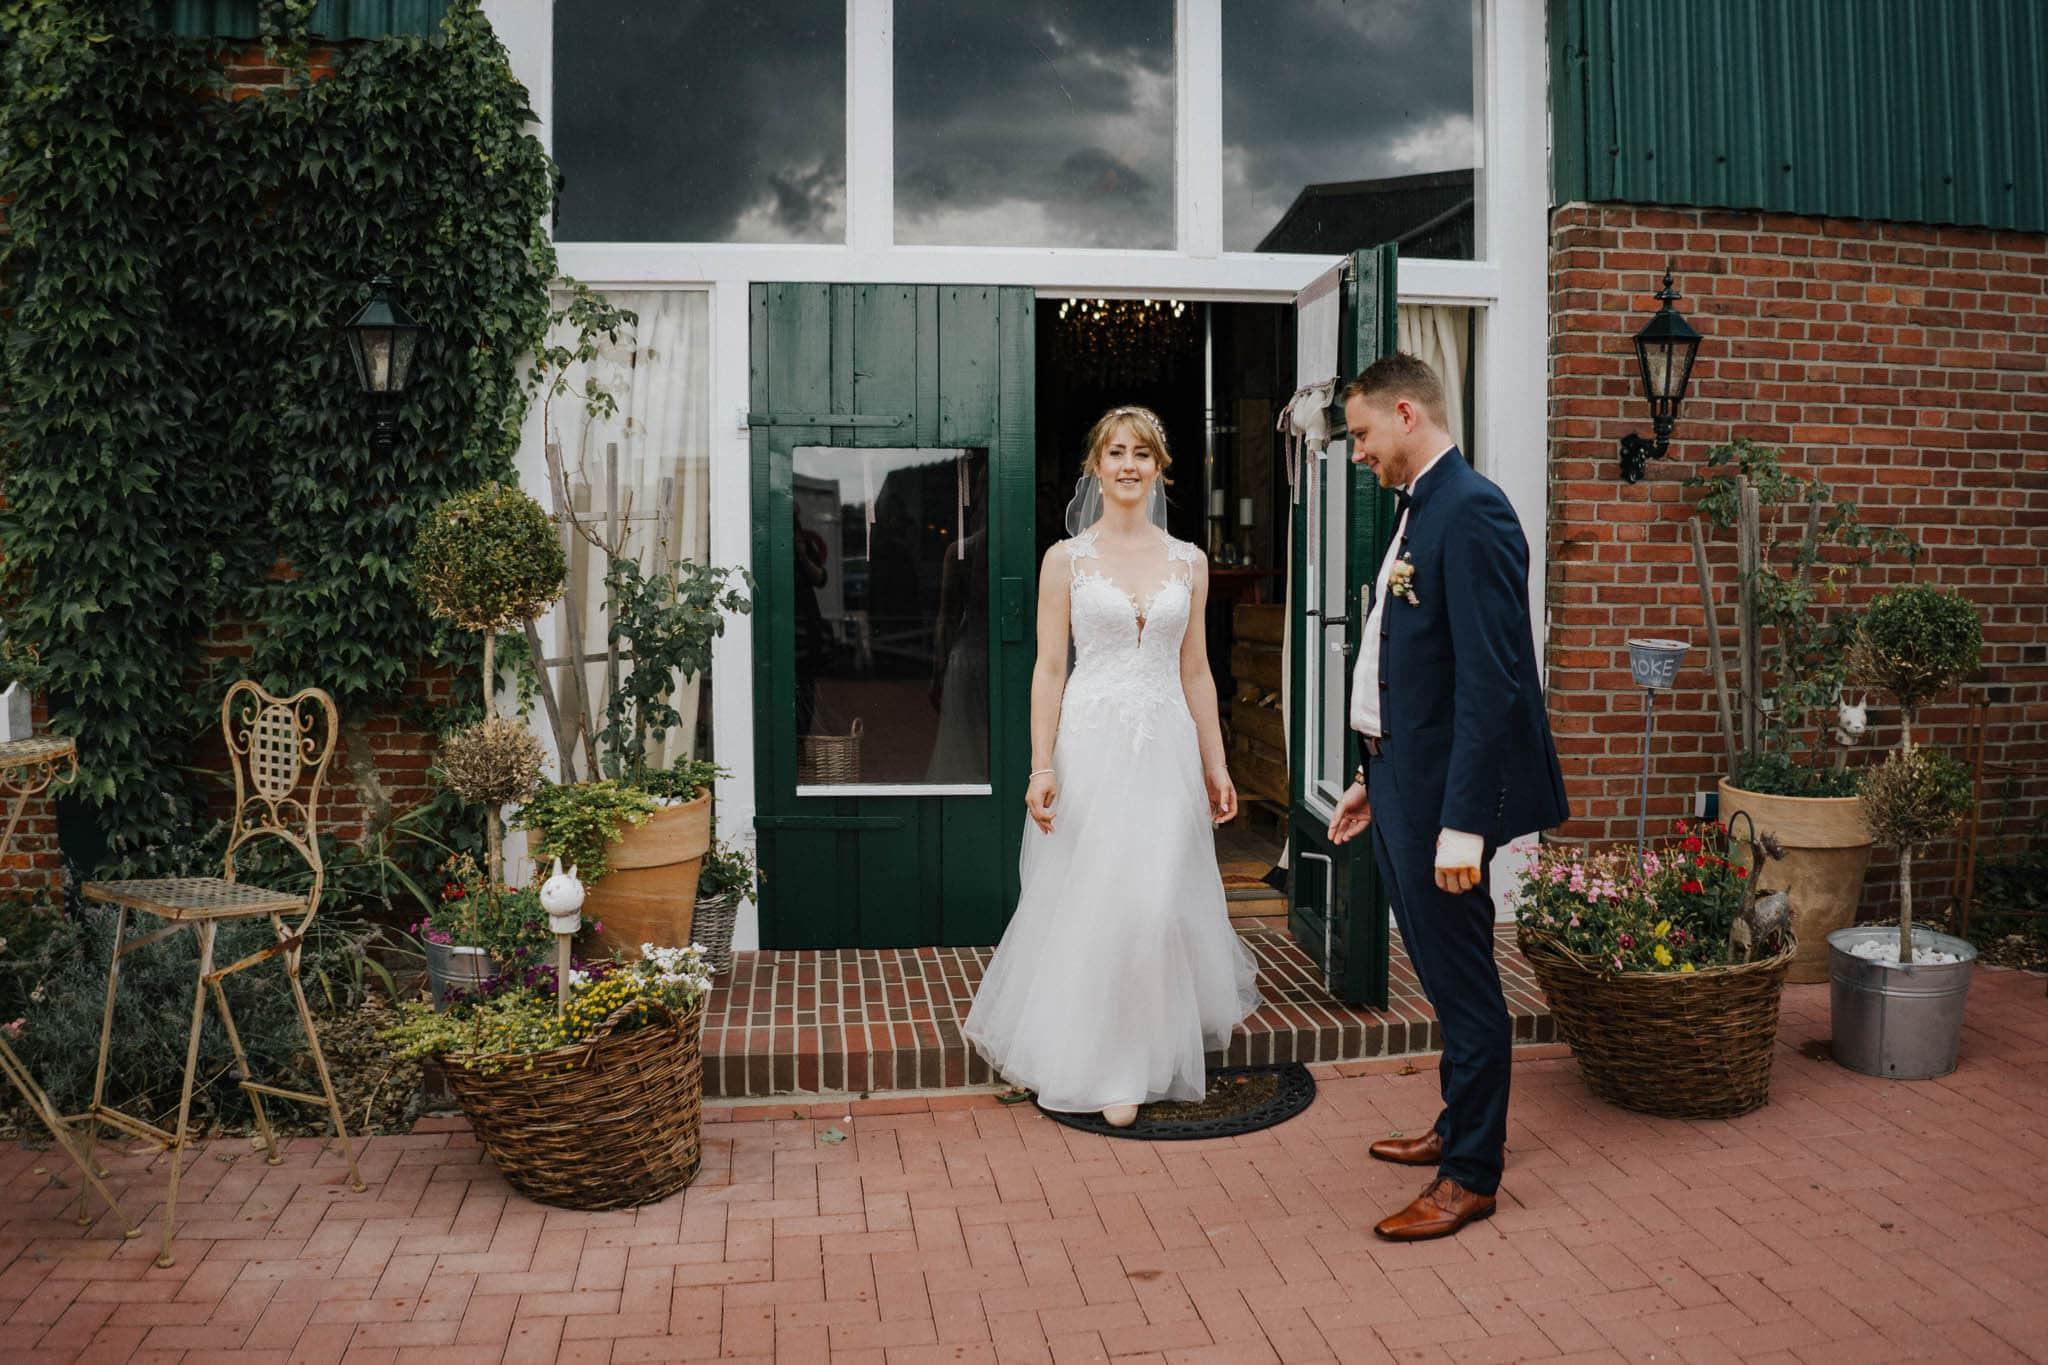 Hochzeitsfieber by Photo-Schomburg, Hoichzeitsfotograf, Hamburg, Wedding, Weddingtime, Hochzeitspaar, Braut, Bräutigam, Hochzeit im Norden,-65